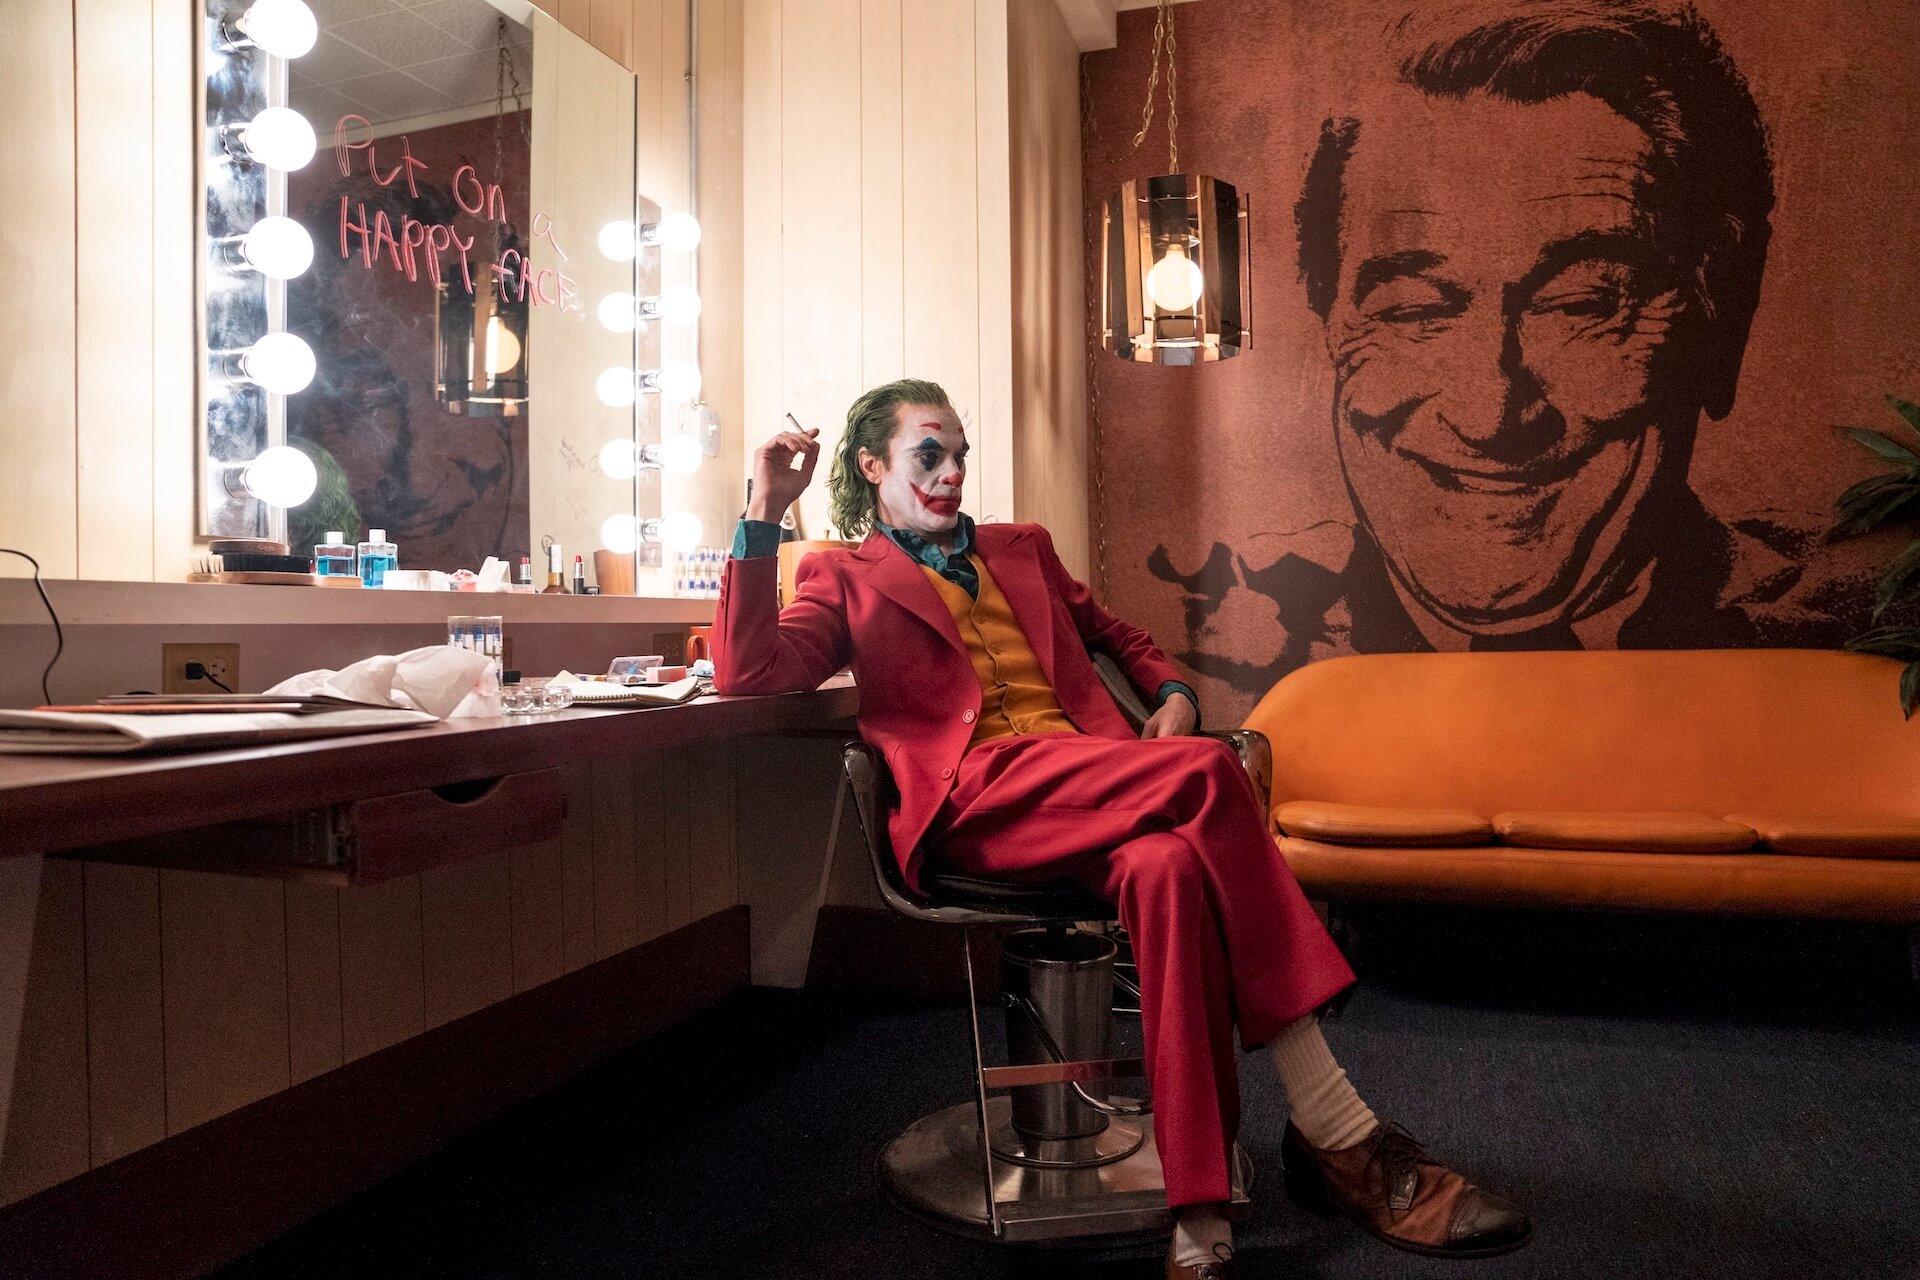 世界を揺るがした超問題作『ジョーカー』がついにあなたの家に!Blu-ray&DVDが2020年1月発売決定 film191206_joker_3